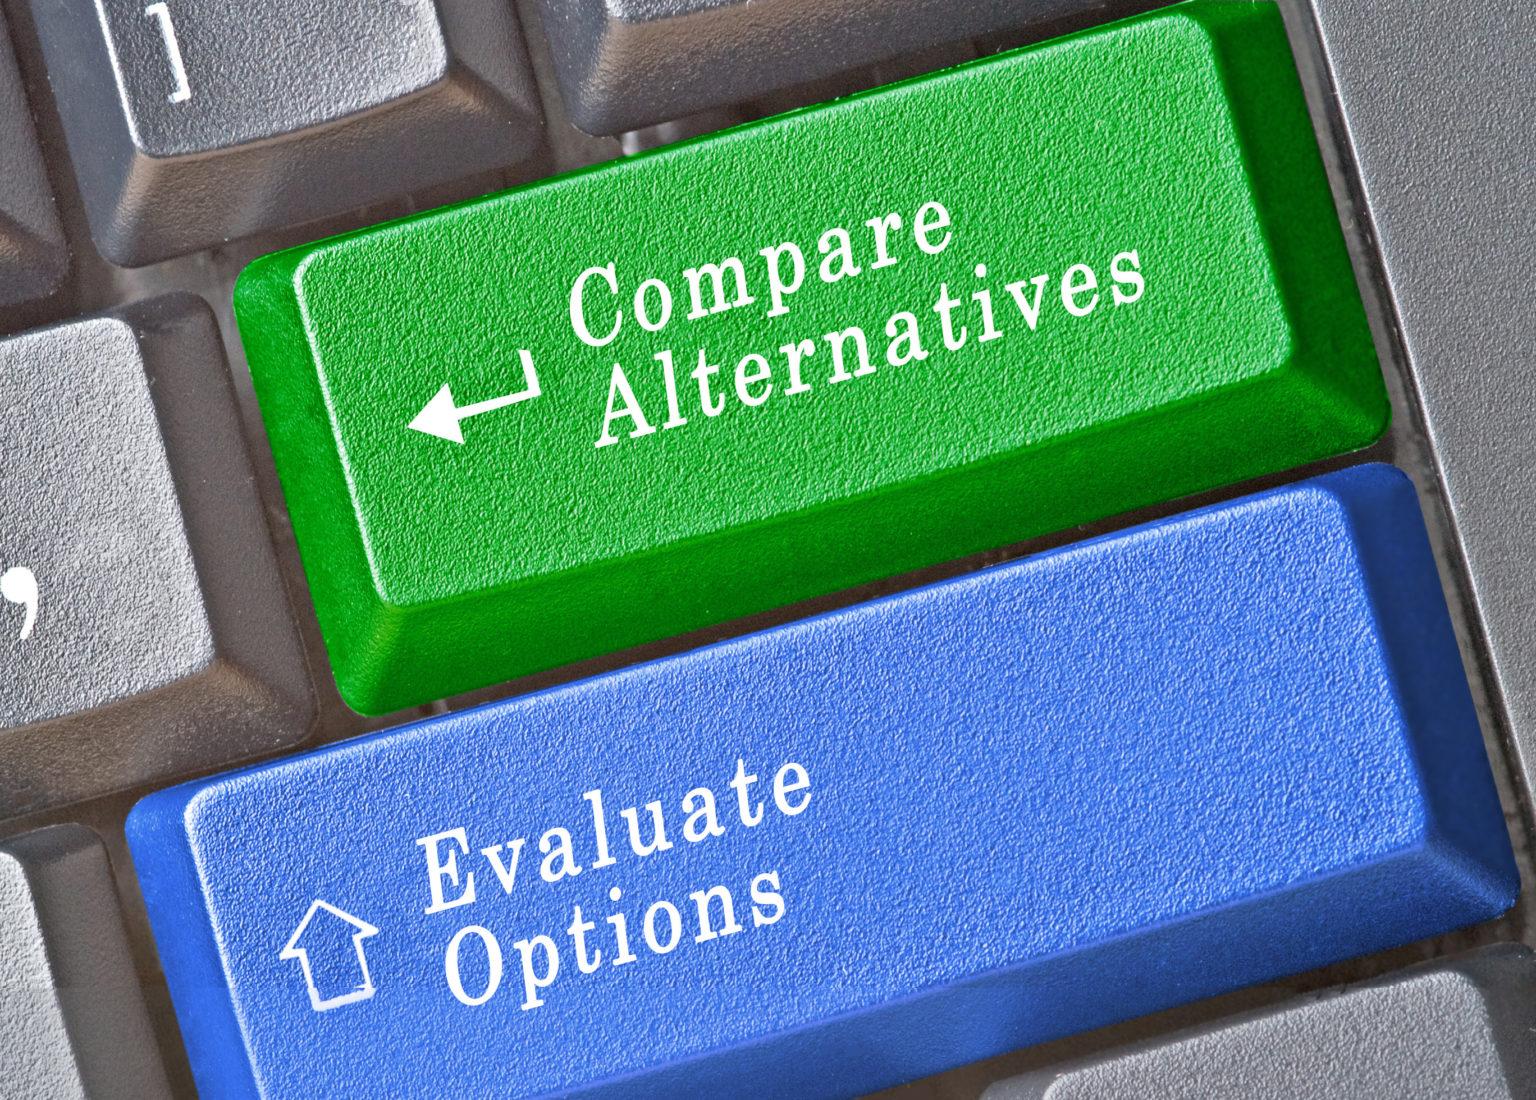 bozo beste alternatief zonder overeenkomst